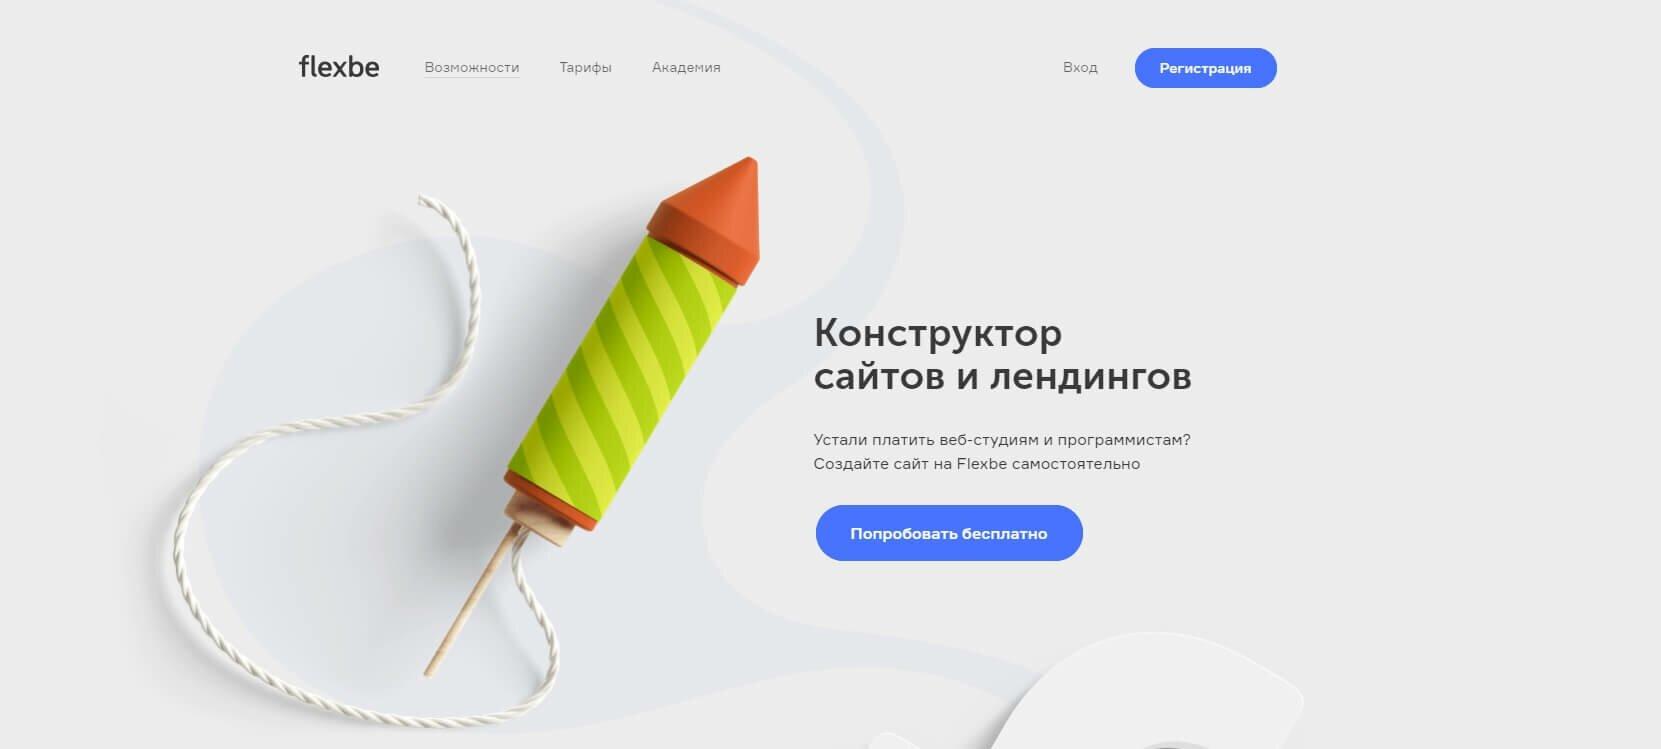 Flexbe - клиенты с сайта уже завтра, без затрат на разработчиков и дизайнеров